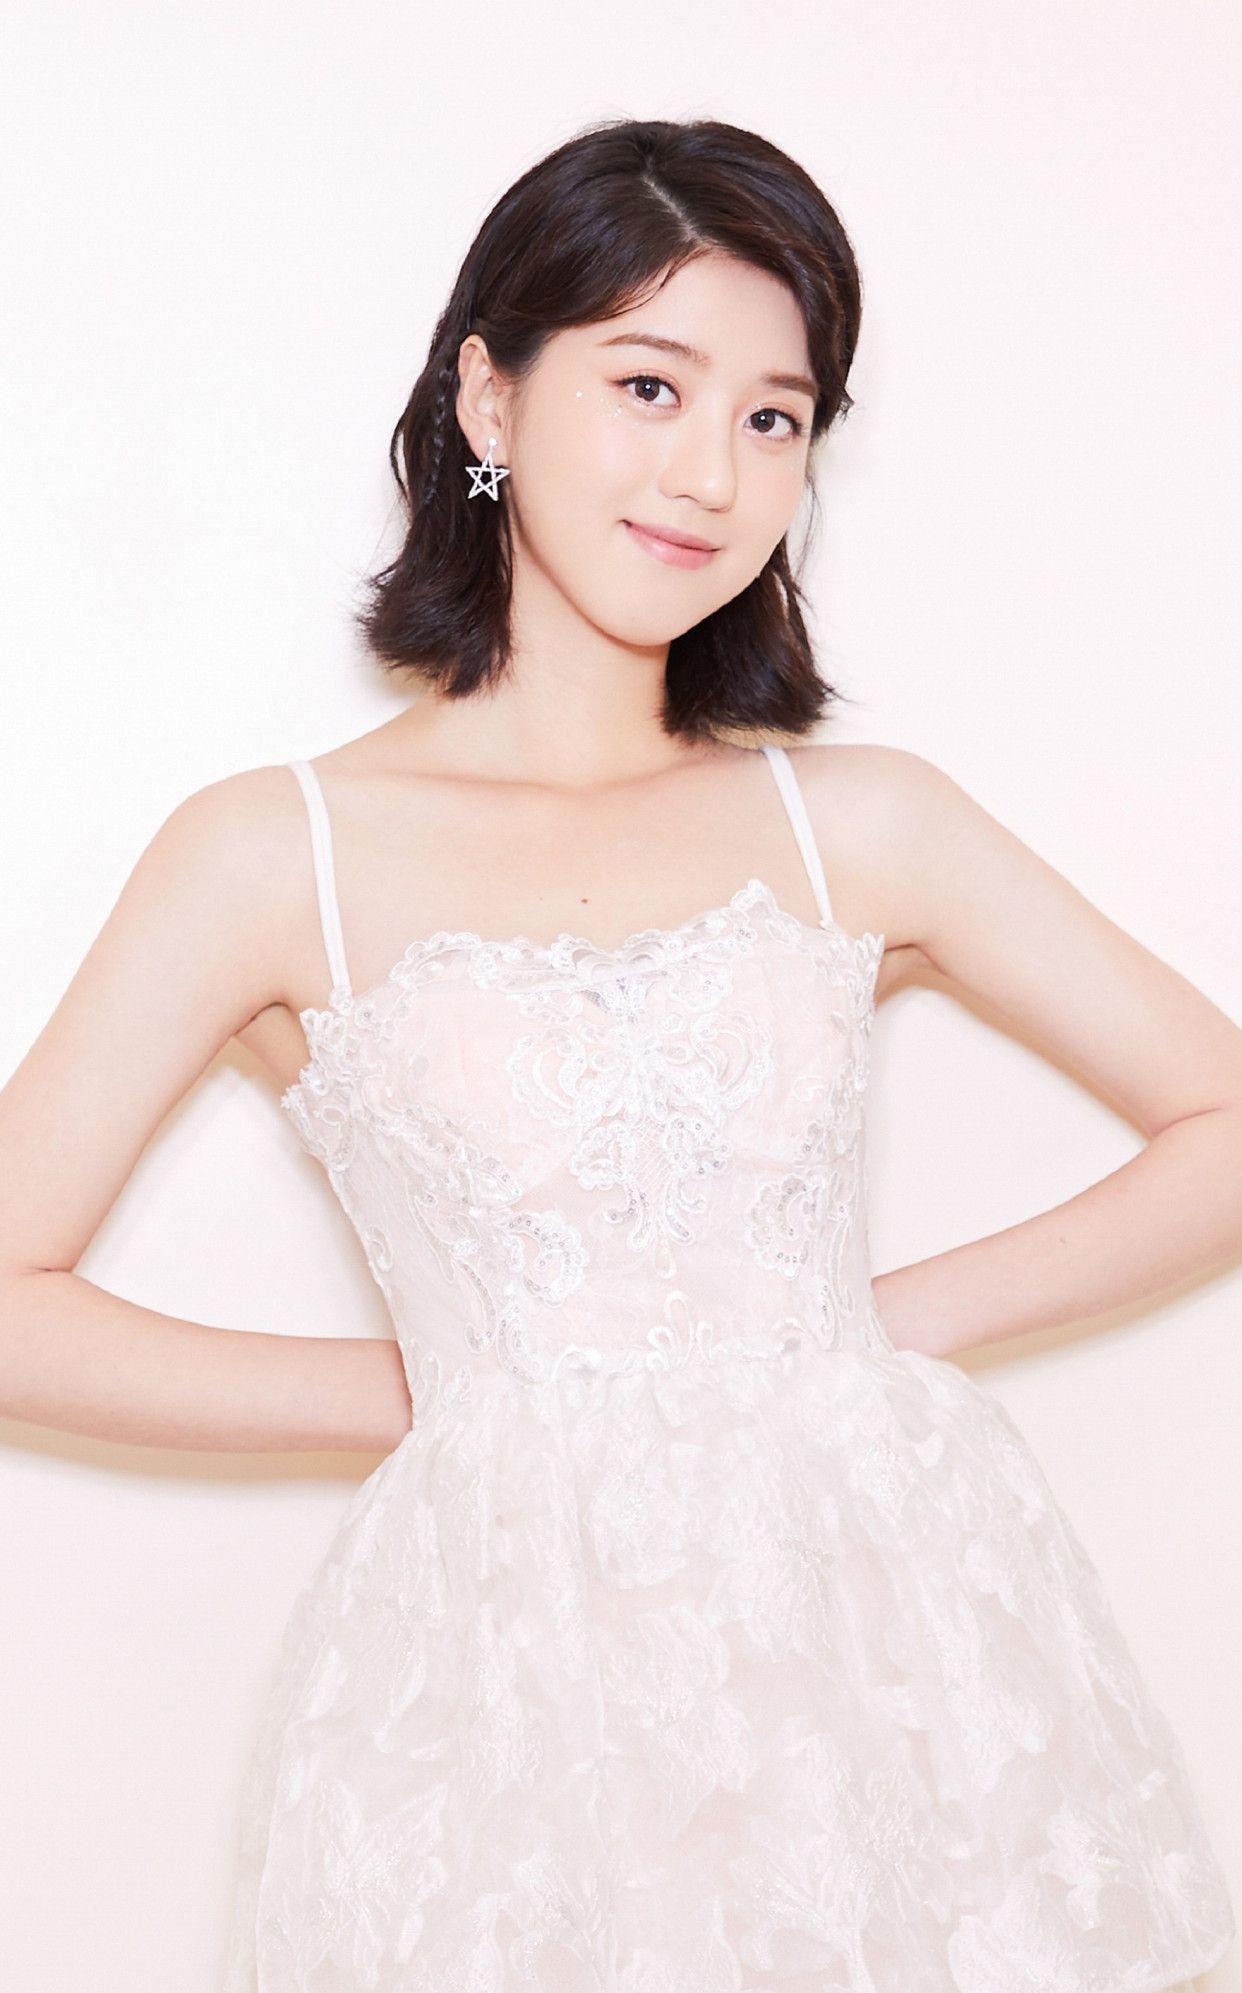 图一是李凯馨拍摄一组宣传美图,身穿一款白色连衣裙清新靓丽!